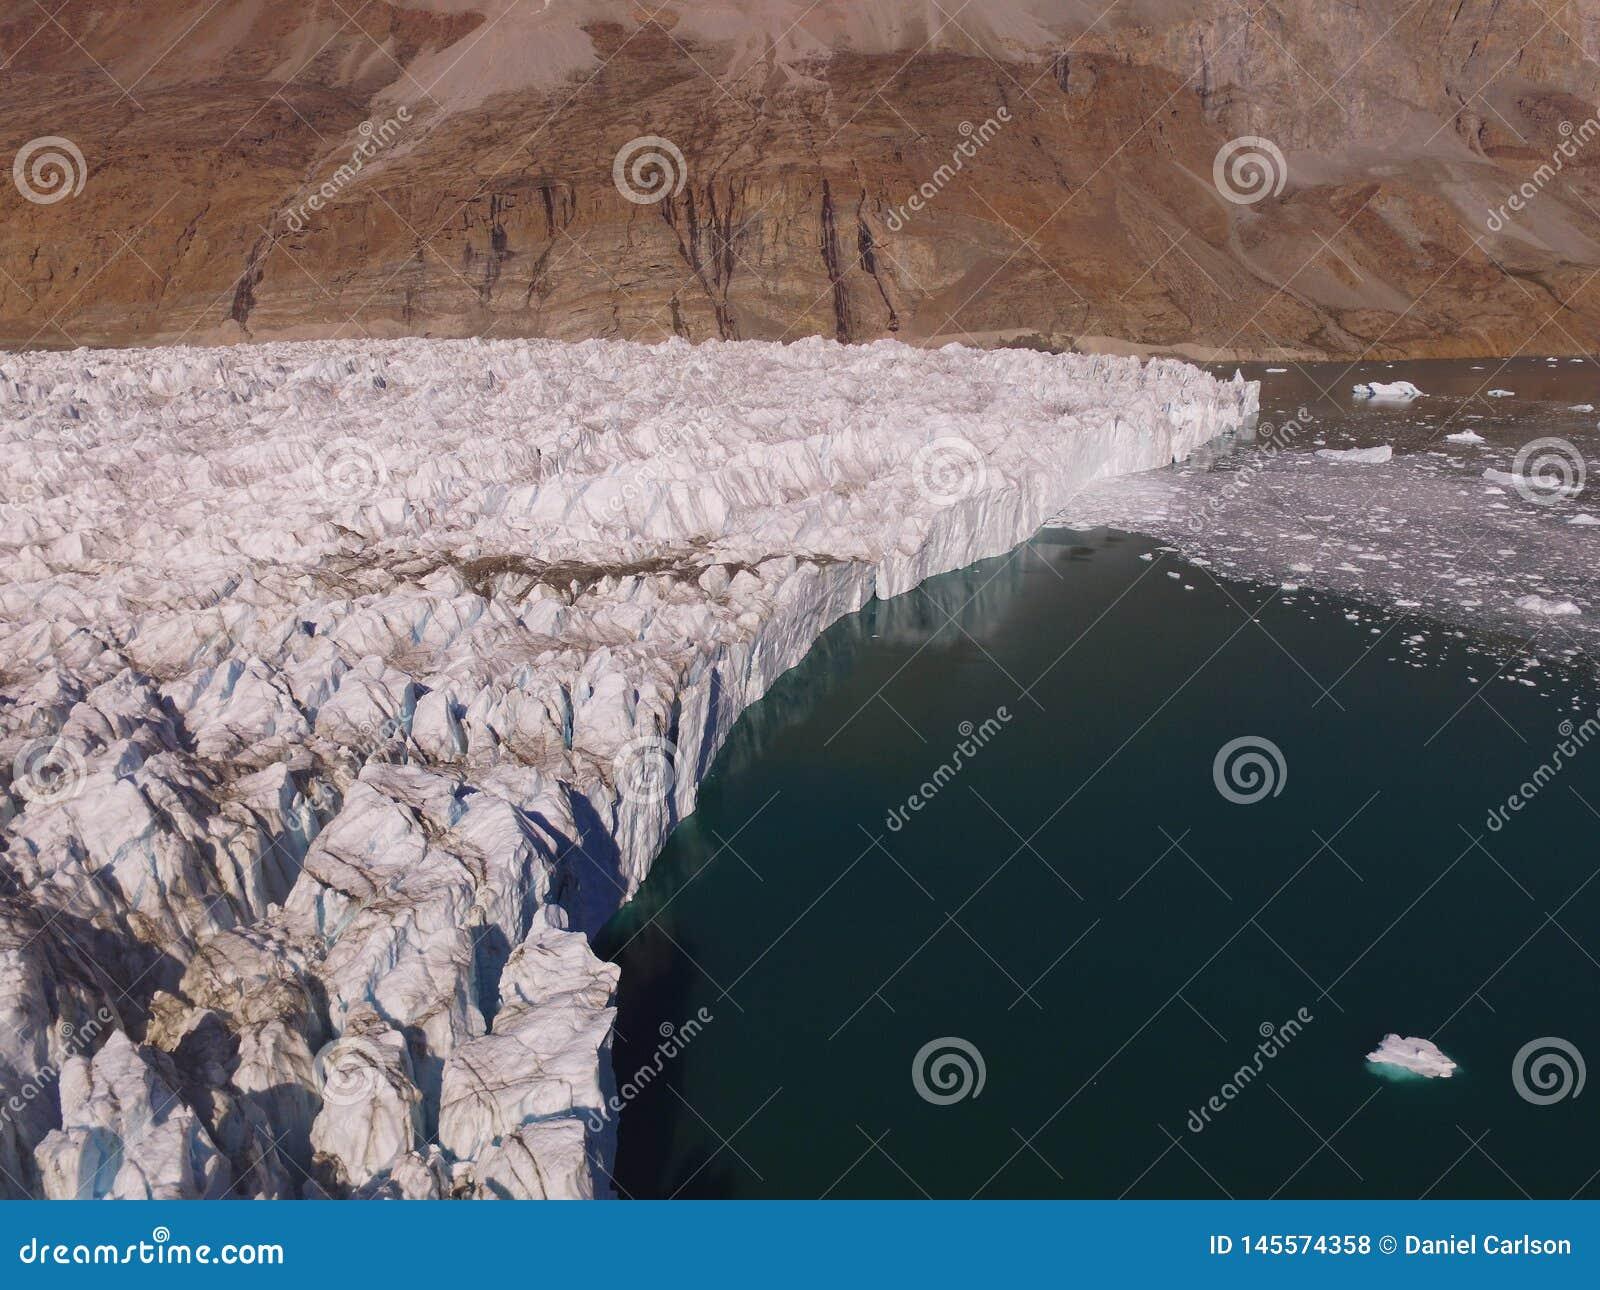 Imagem aérea do zangão oblíquo do término de uma geleira em um fiorde em Gronelândia do nordeste